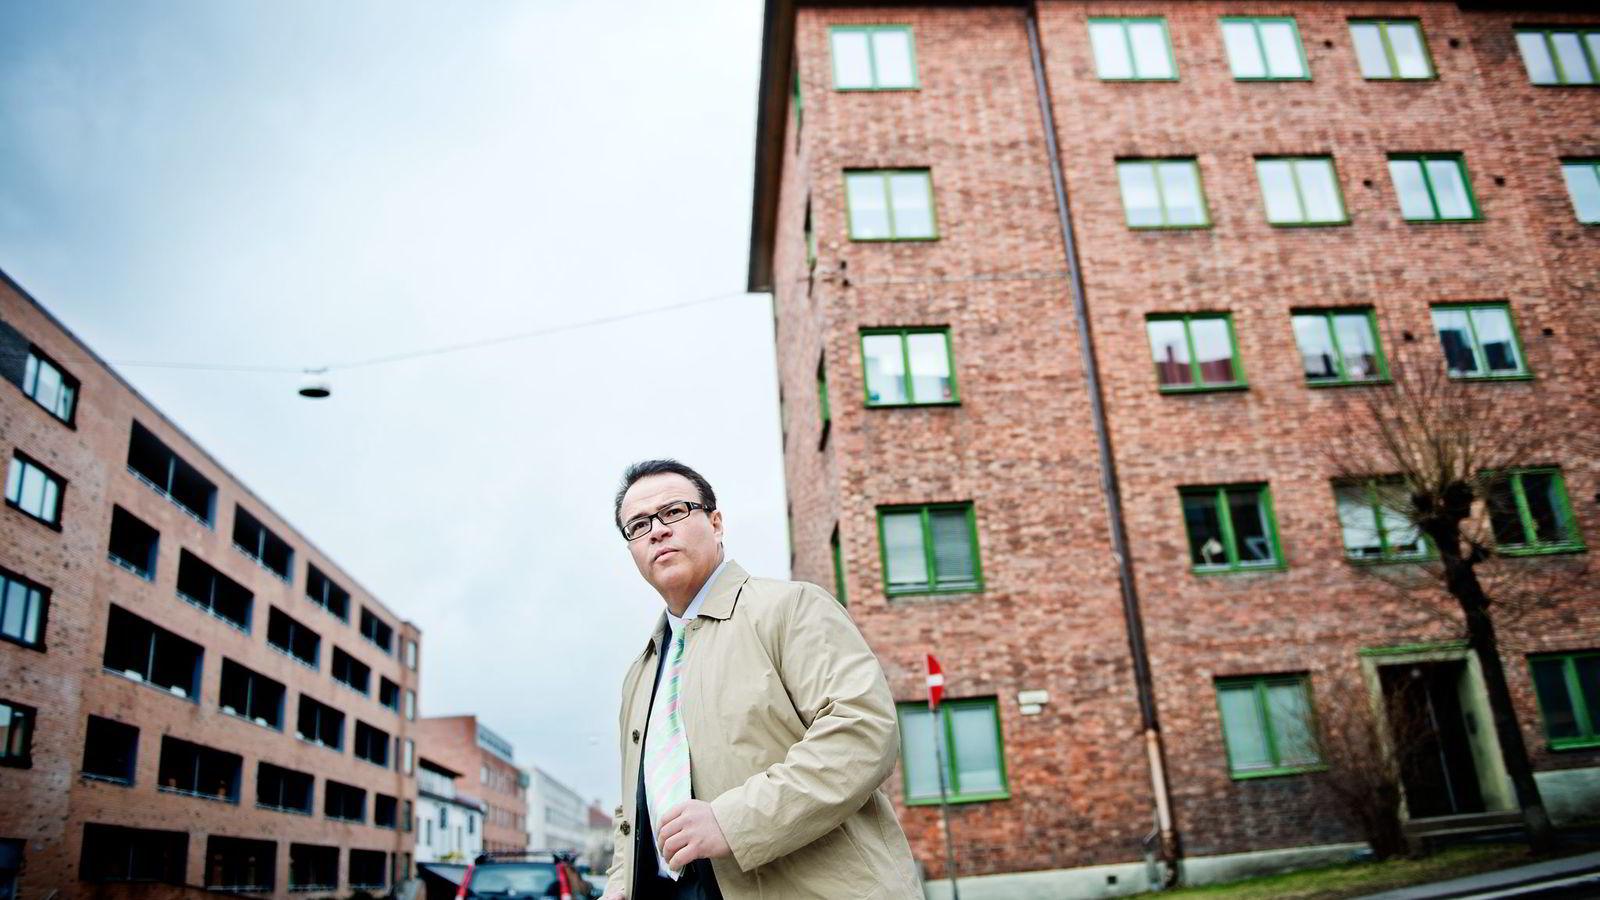 - OMFATTENDE BRUK. Fagdirektør Thomas Bartholdsen i Forbrukerrådet tror at tilstandsrapport ved boligsalg vil bli normen.